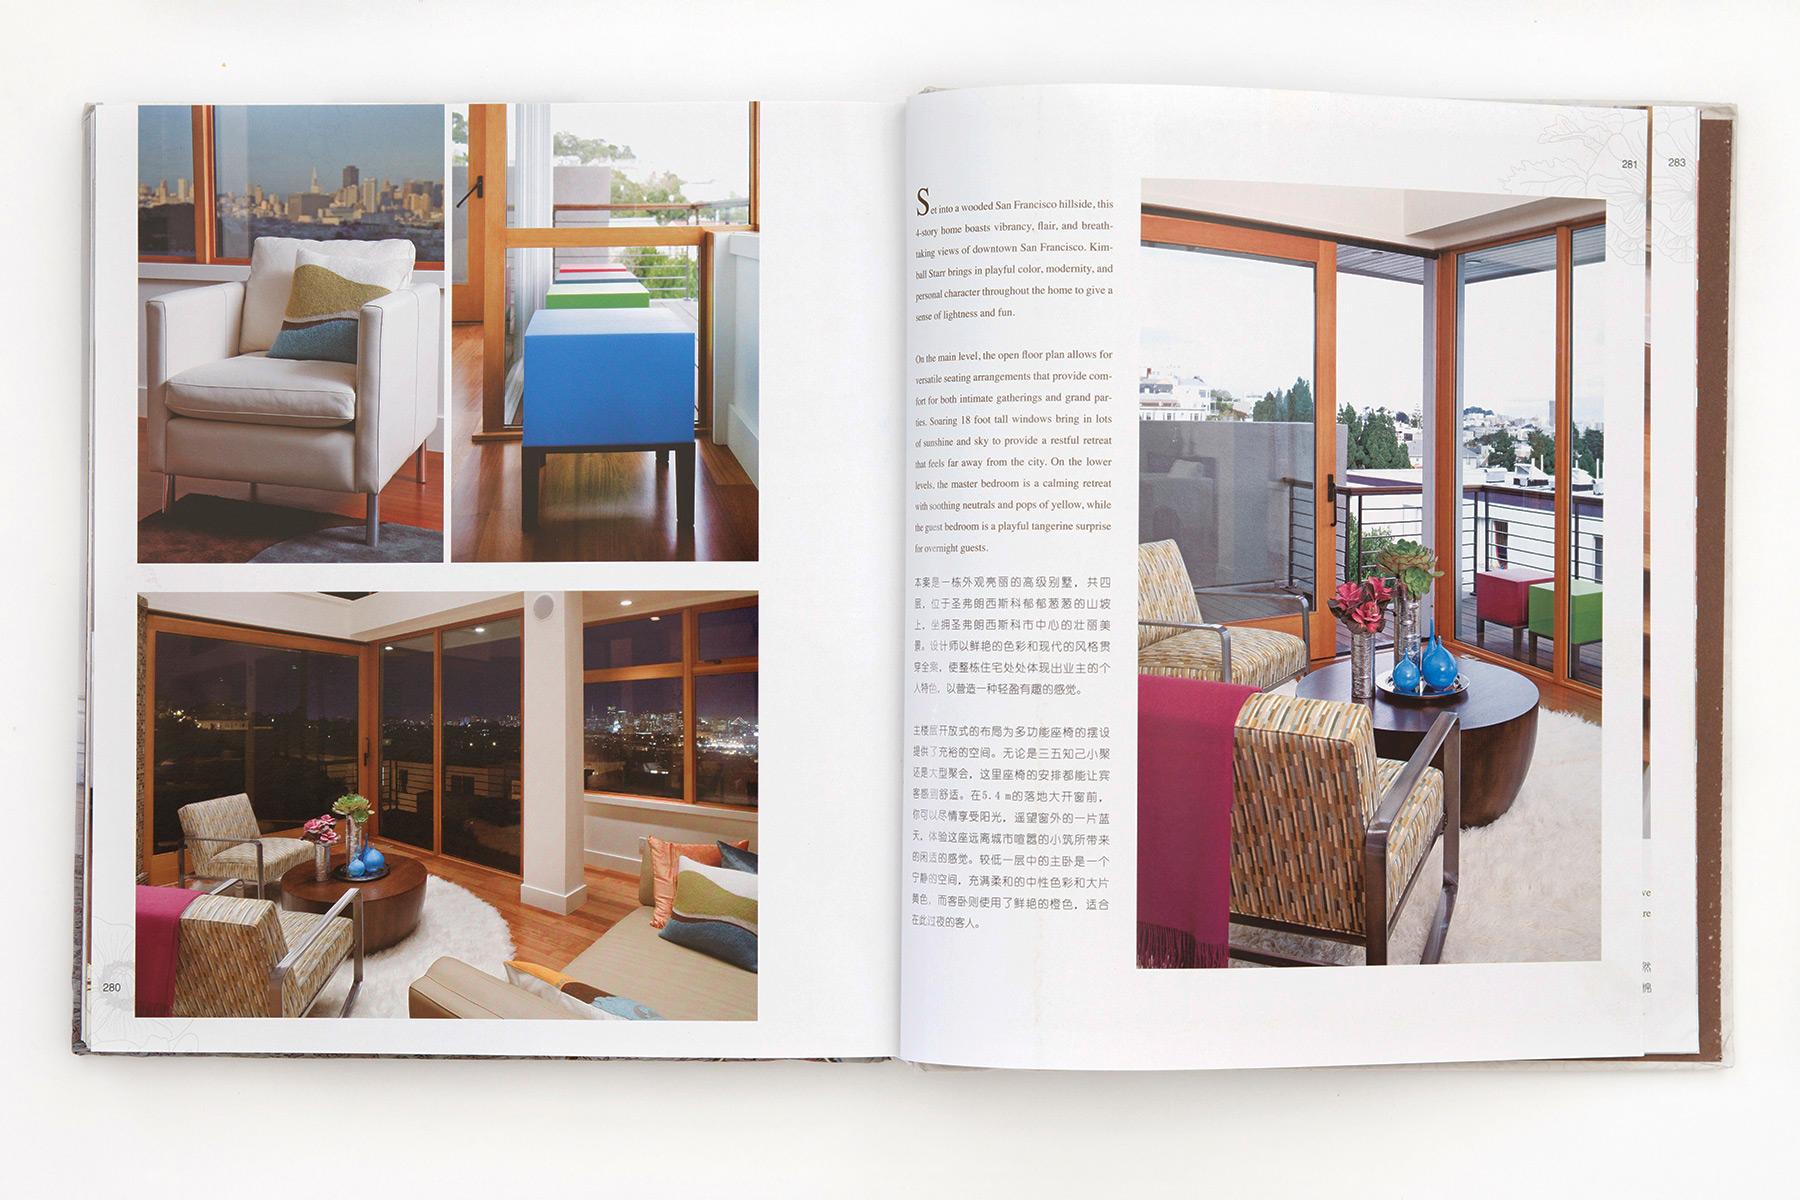 Interior design firms san francisco house w spirit work for Design firms san francisco